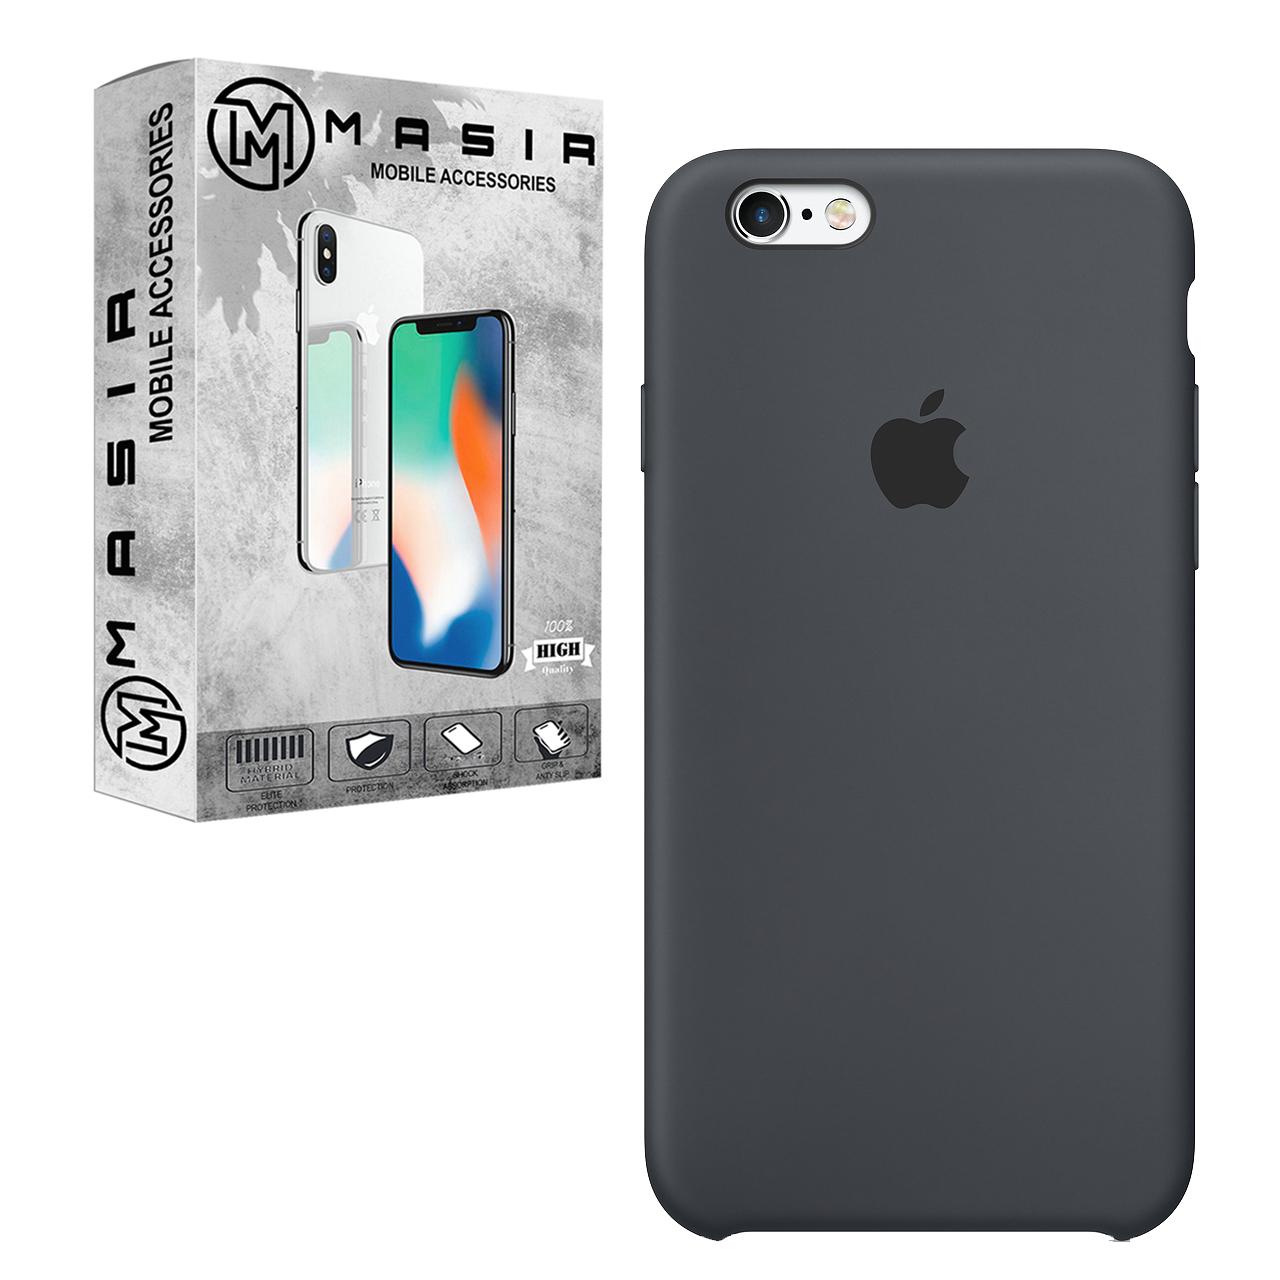 کاور مدل SLC-01 مناسب برای گوشی موبایل اپل iPhone 6 Plus/6S Plus